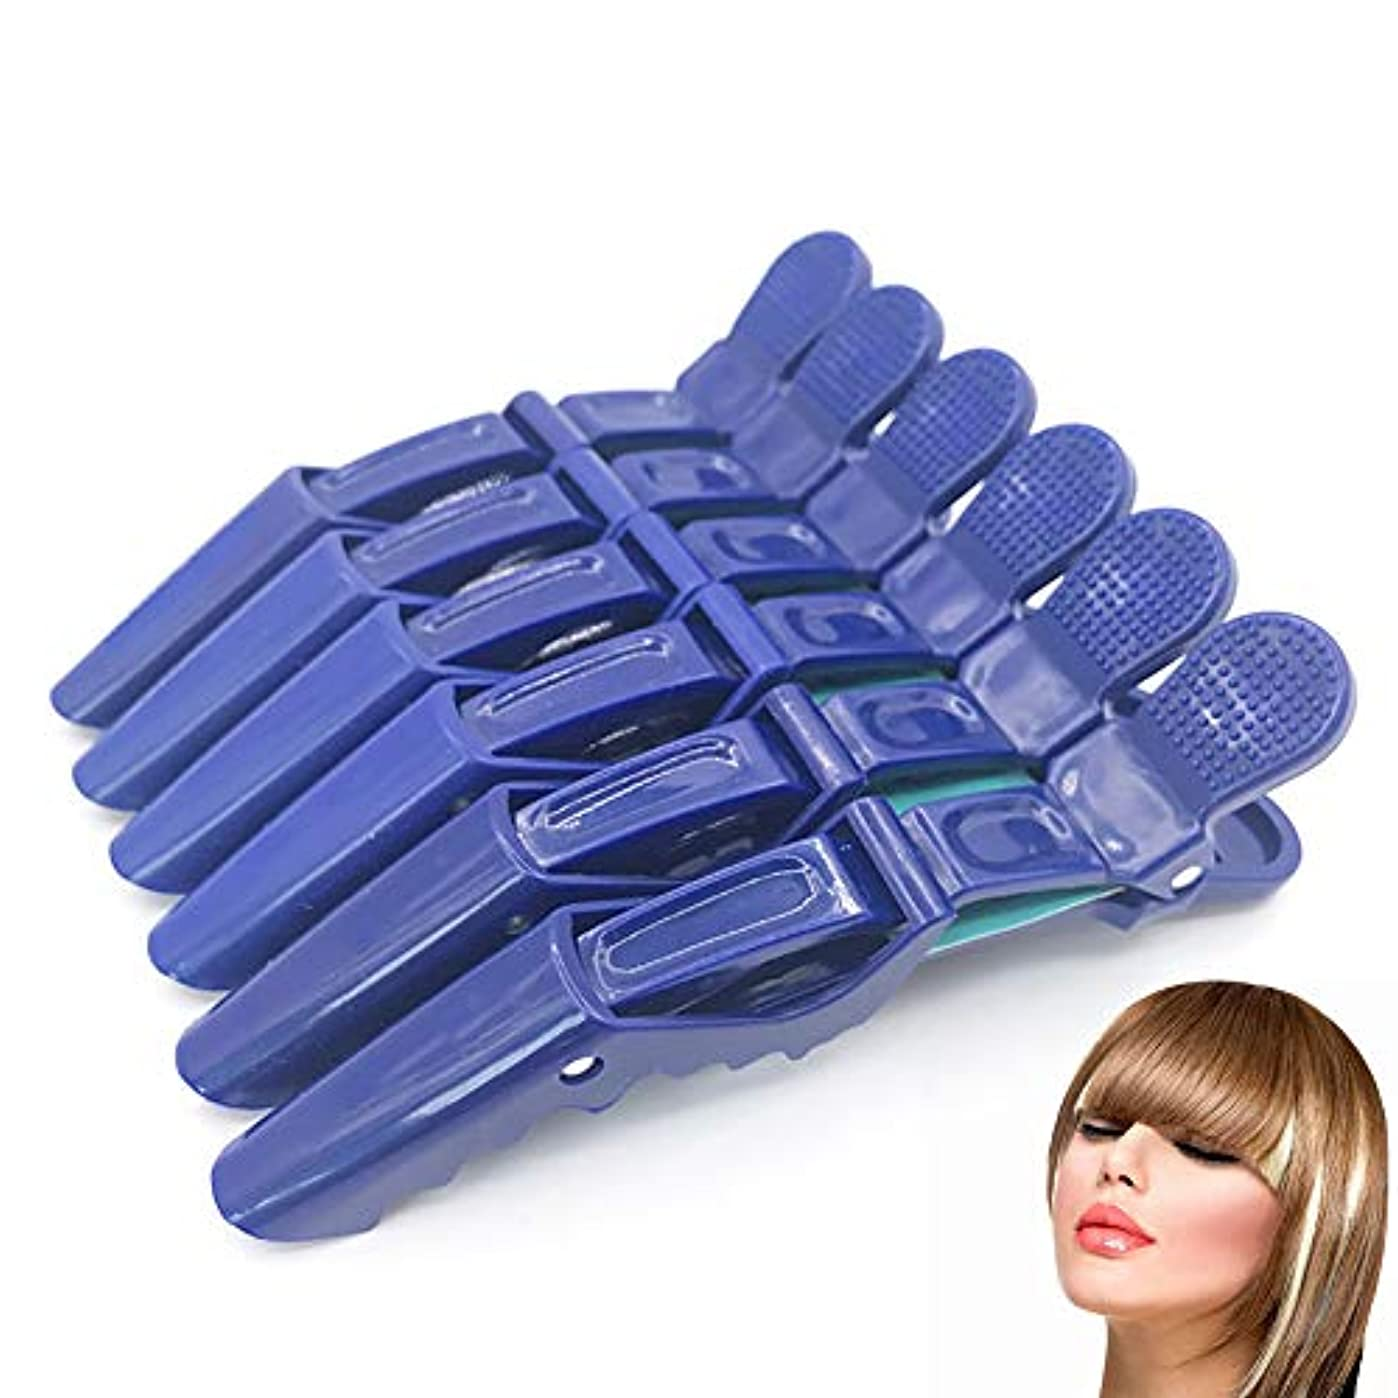 ステージボーカル動く6 /保持クリップ、プロ毛髪はヘアクリップセグメント固体プラスチックノンスリップグリップワニ口クリップ髪、毛の粗い及び細かい歯幅(青)切断